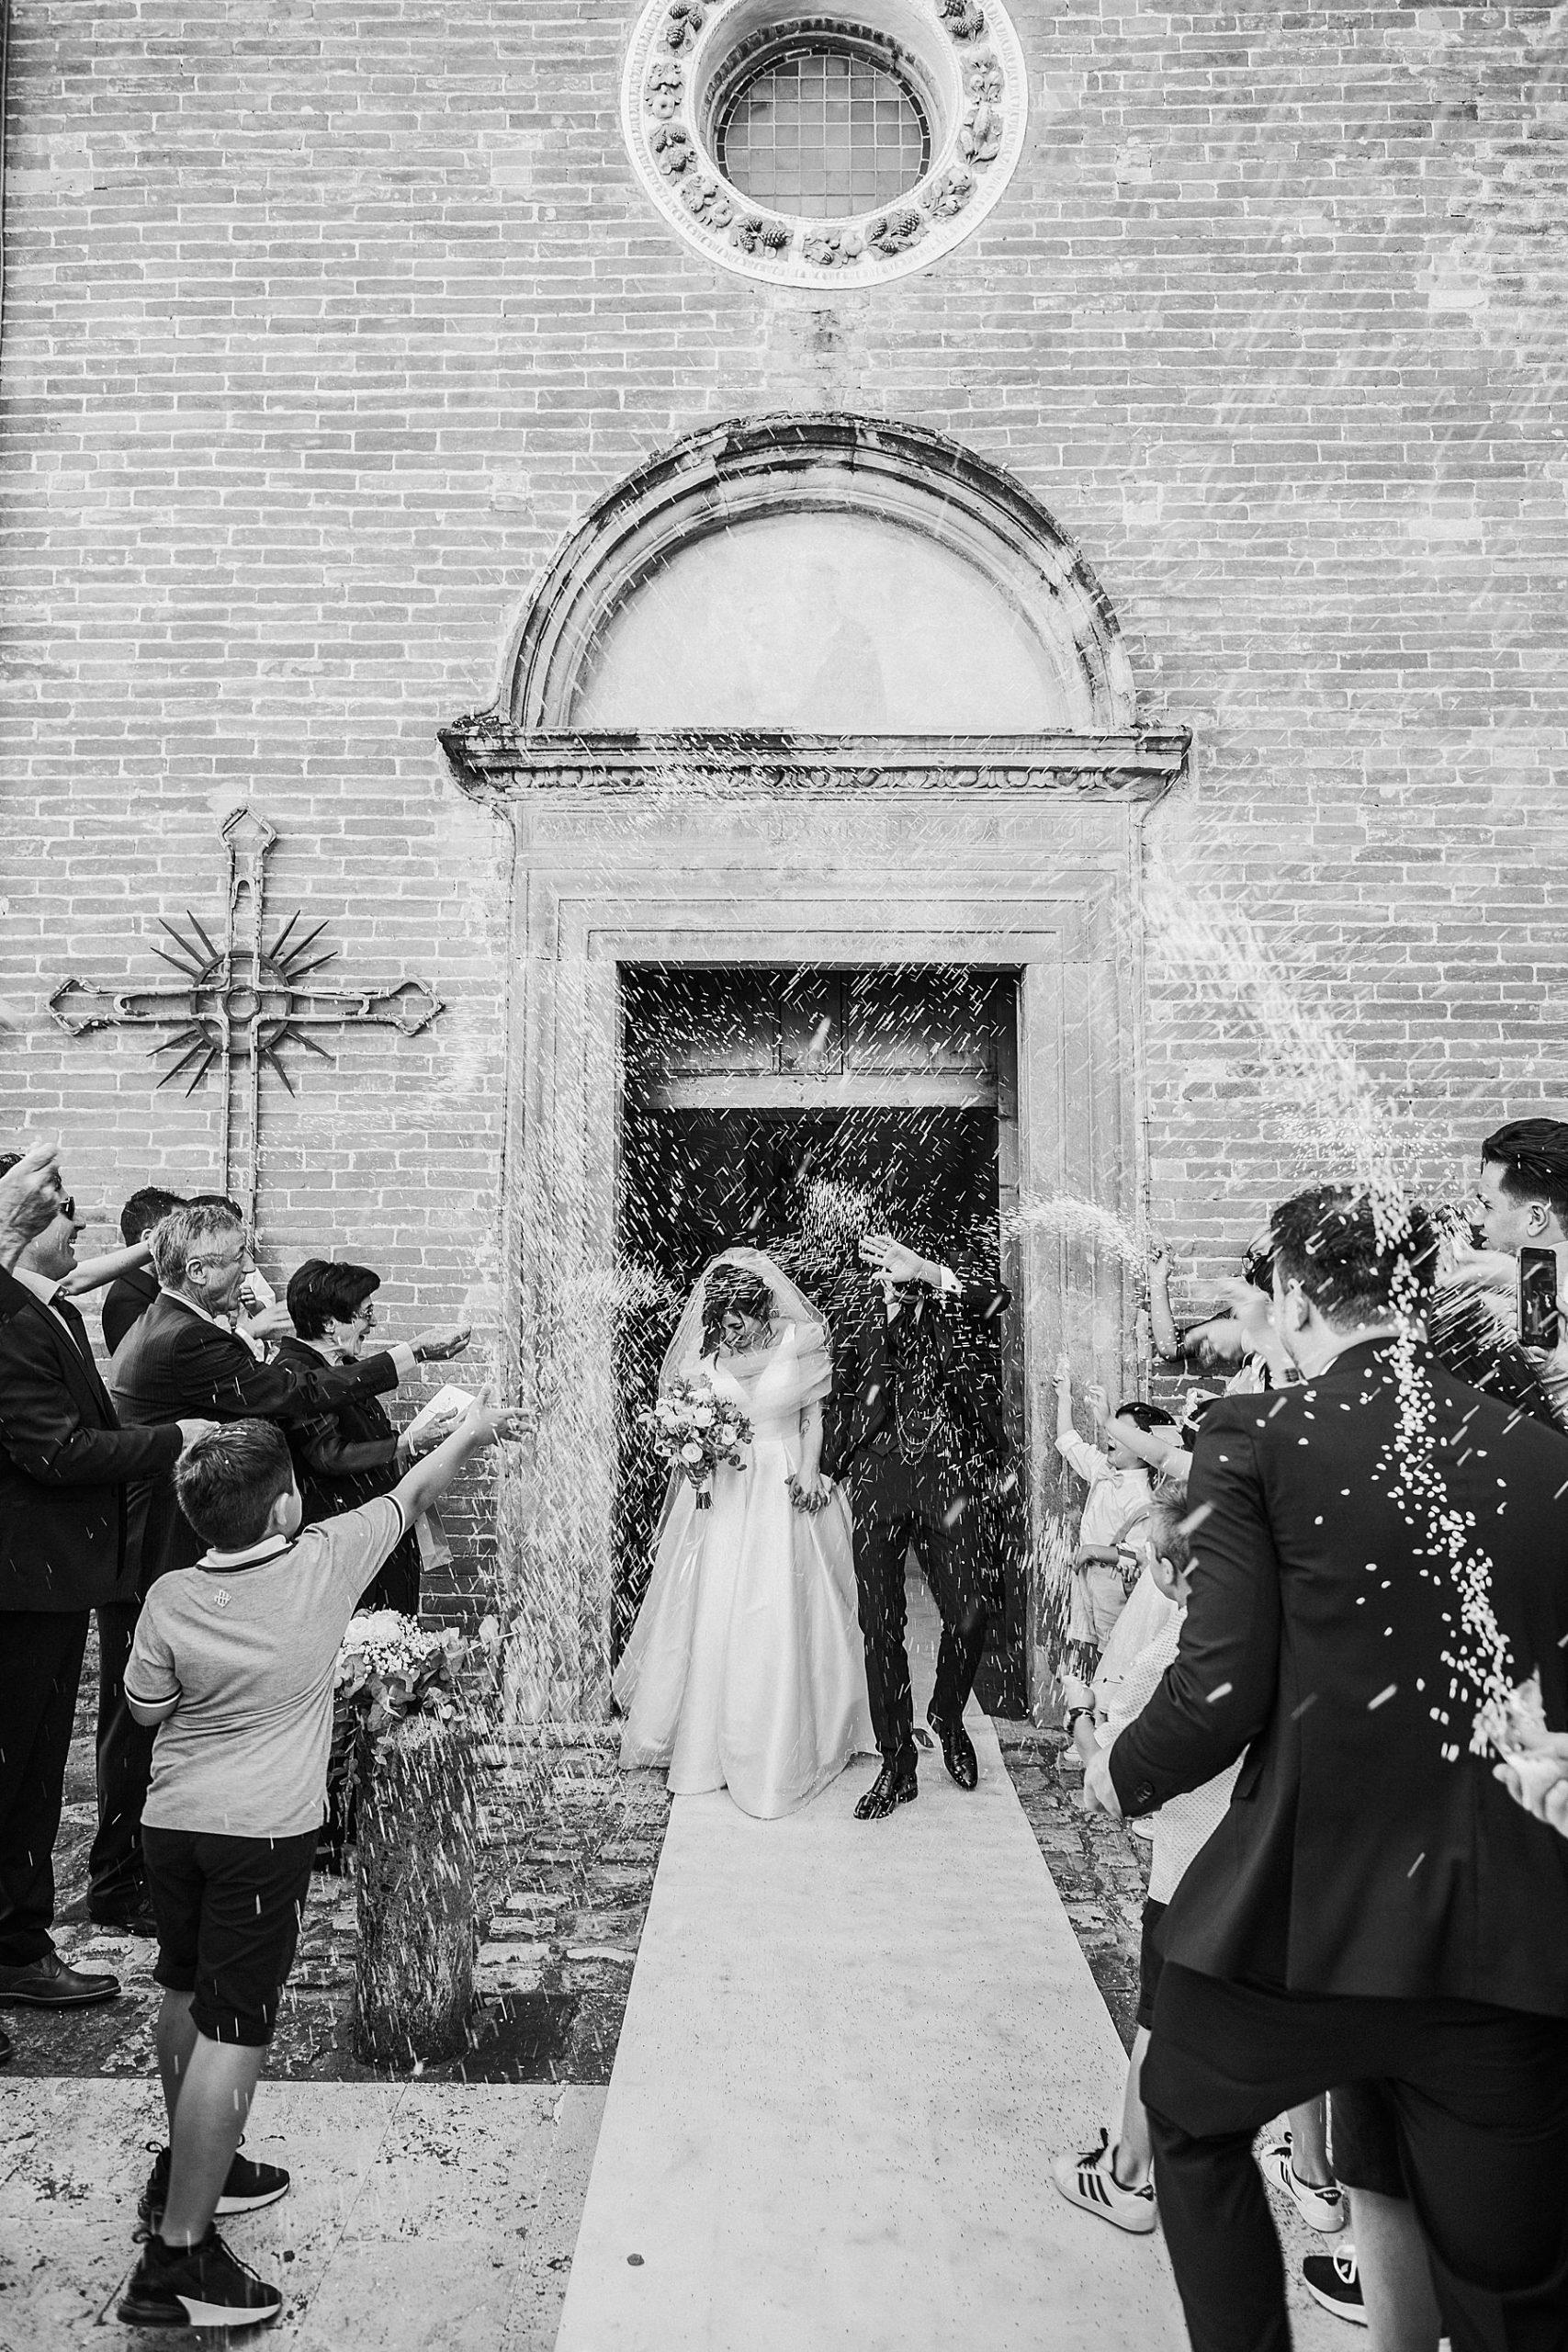 matrimonio tenuta bichi borghesi monteriggioni 3030